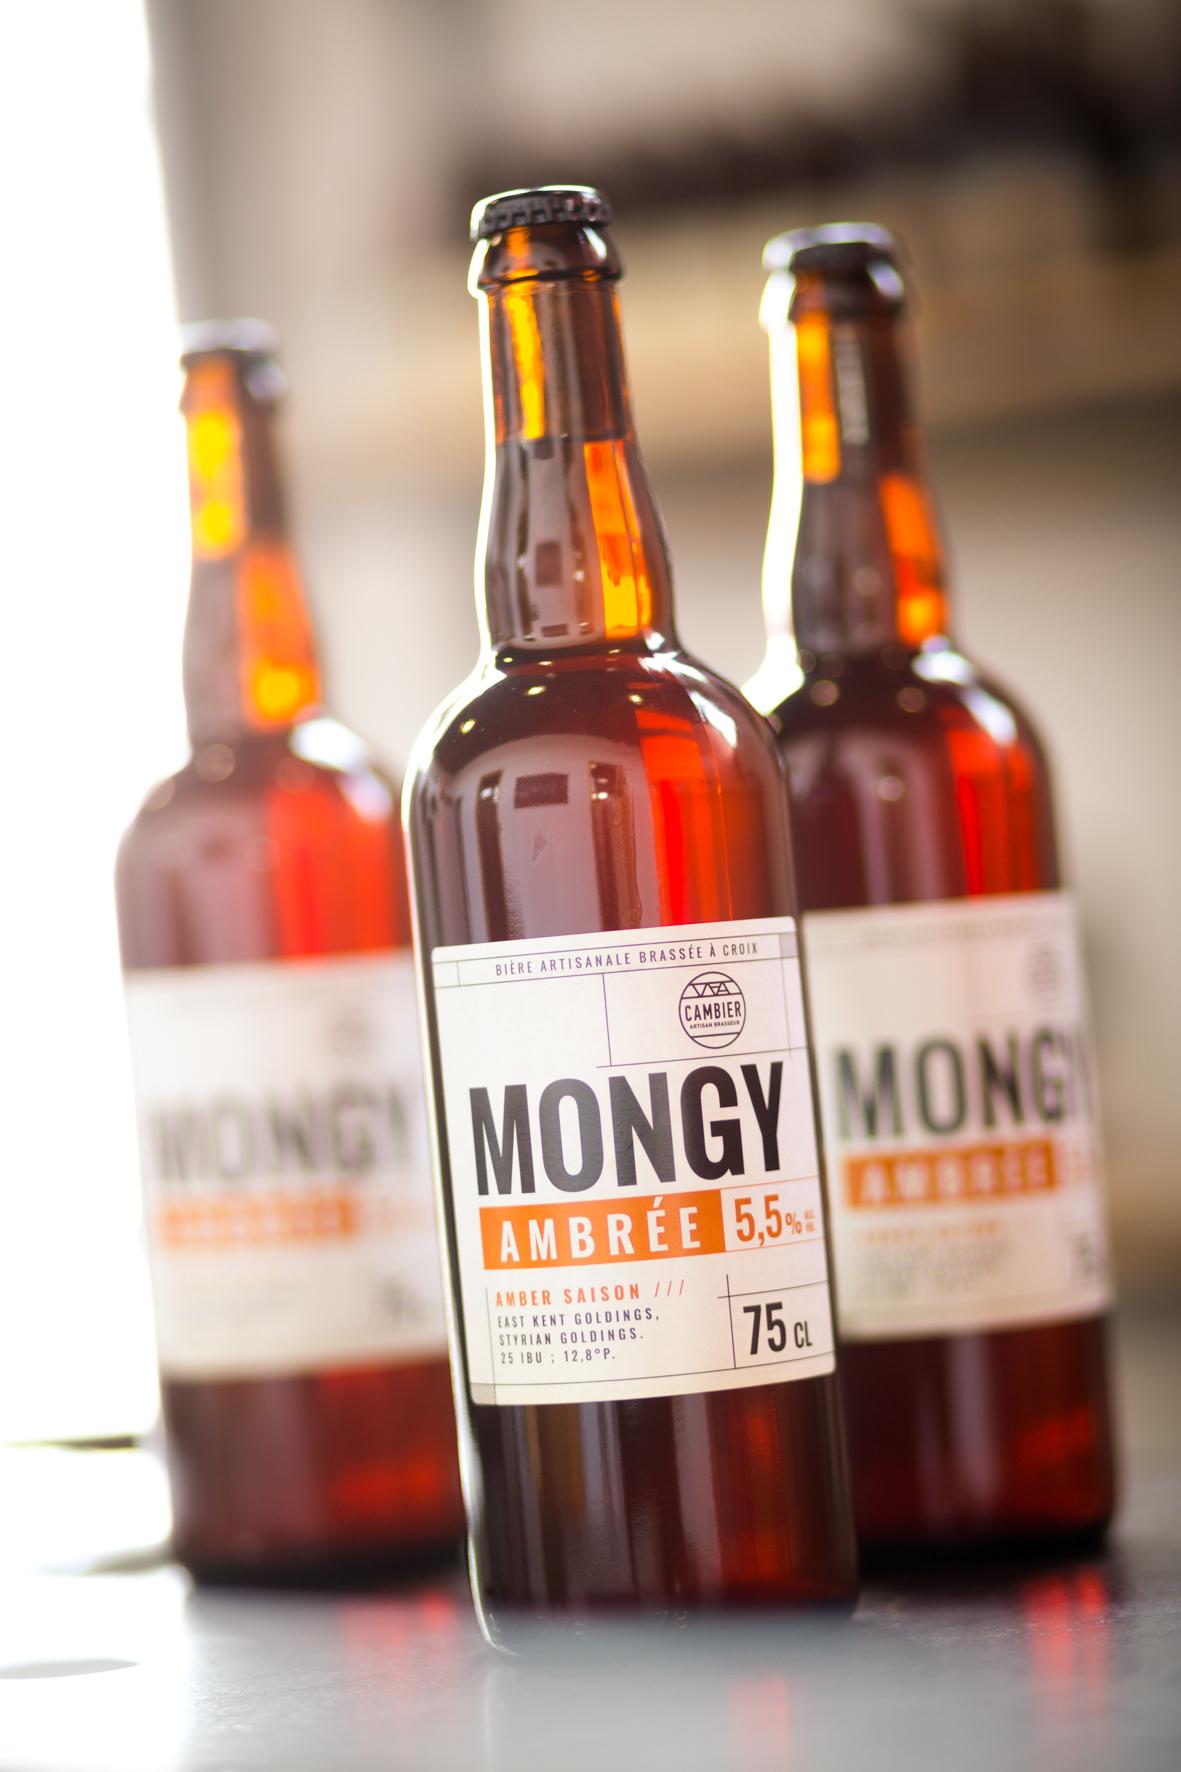 Mongy Ambrée